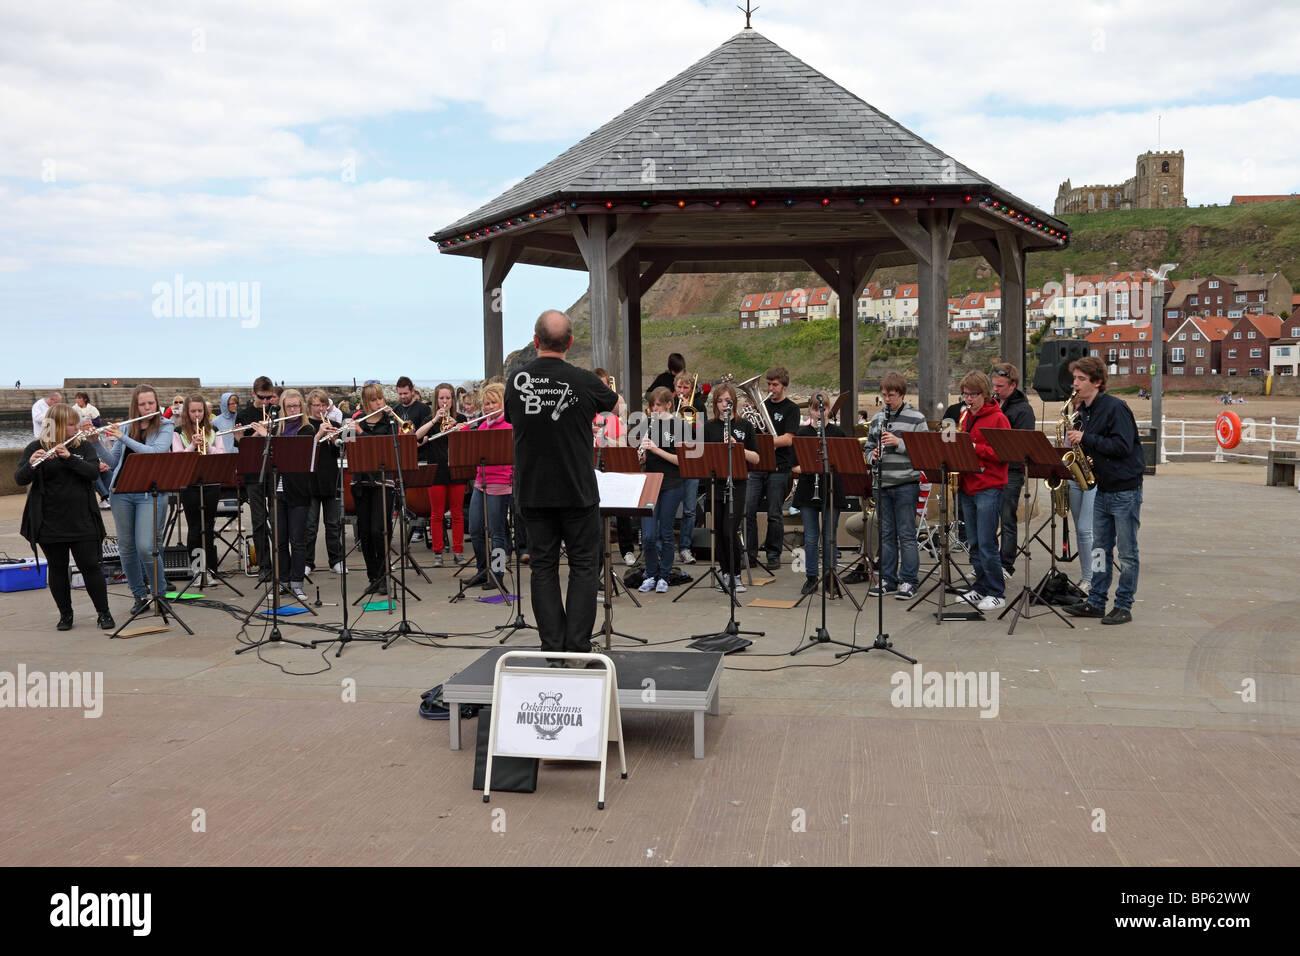 El sueco Oscar Musikskola Oskarshamns Symphonic Band actuando en la ciudad costera de Whitby UK Imagen De Stock